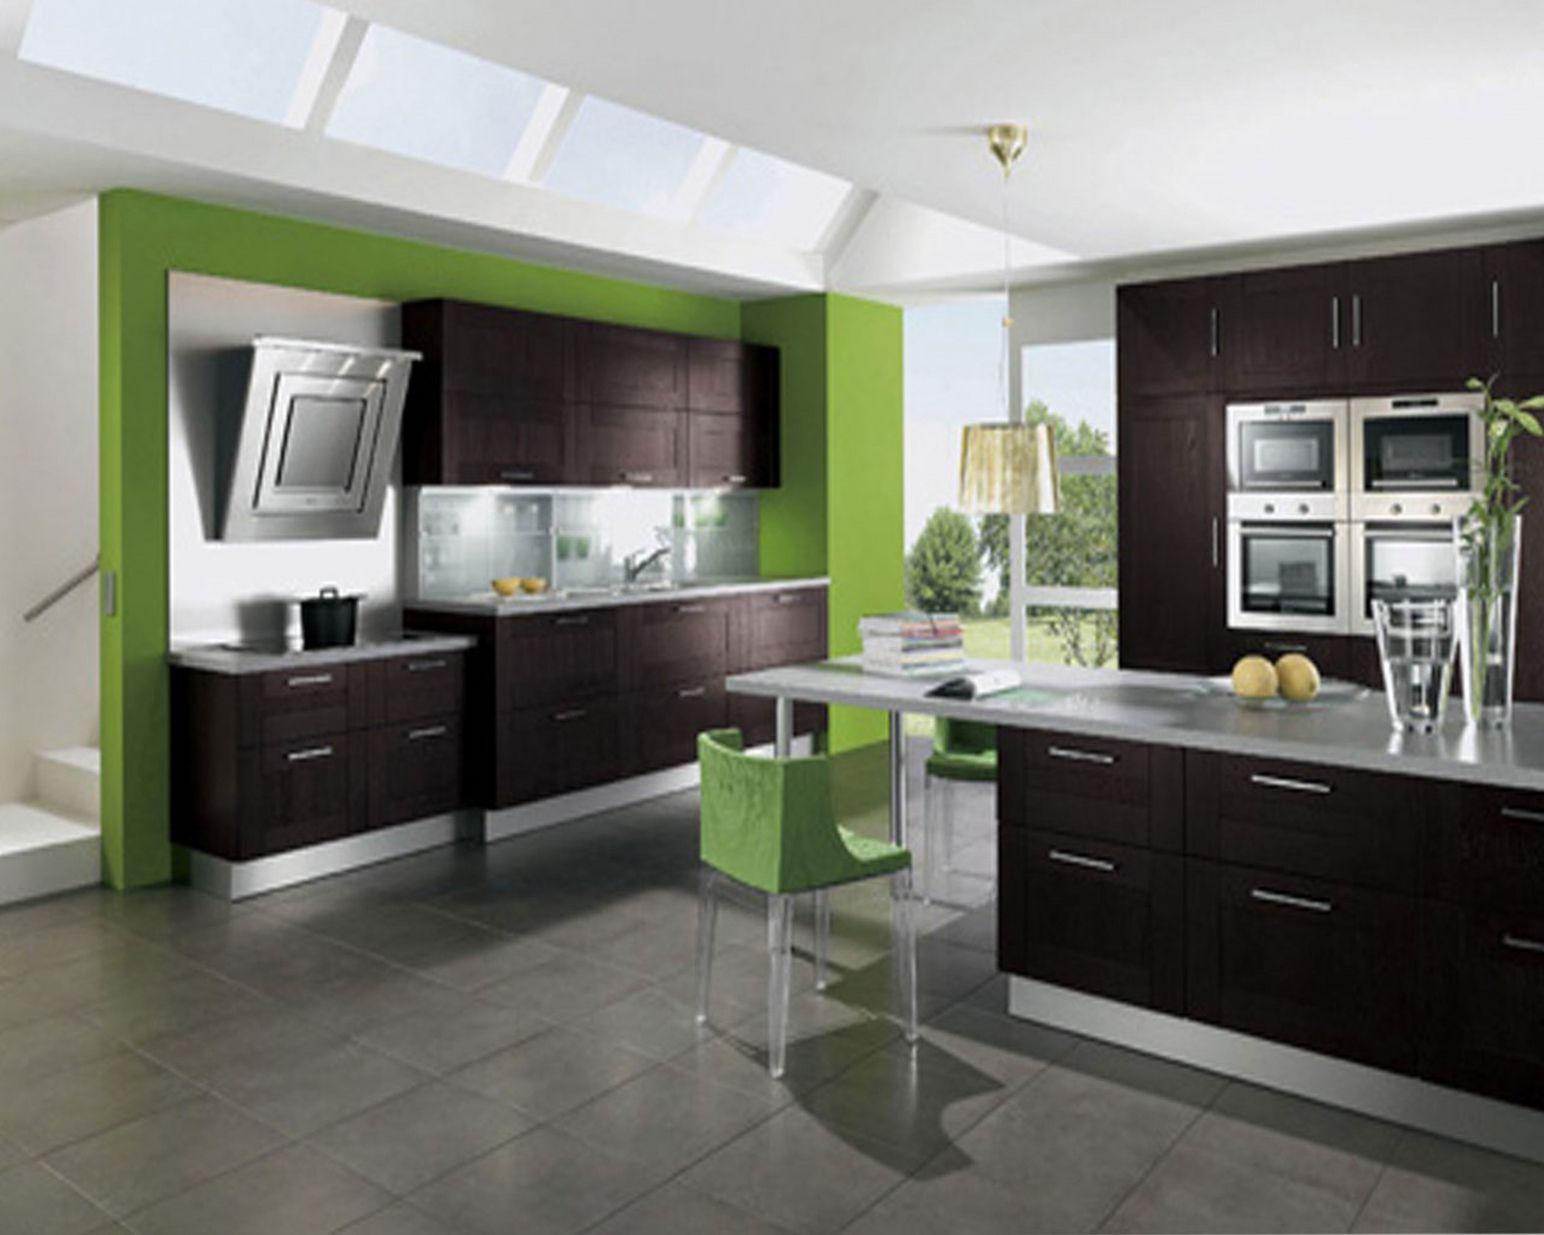 100 Interior Design Ideas Kitchen Color Schemes Small Kitchen